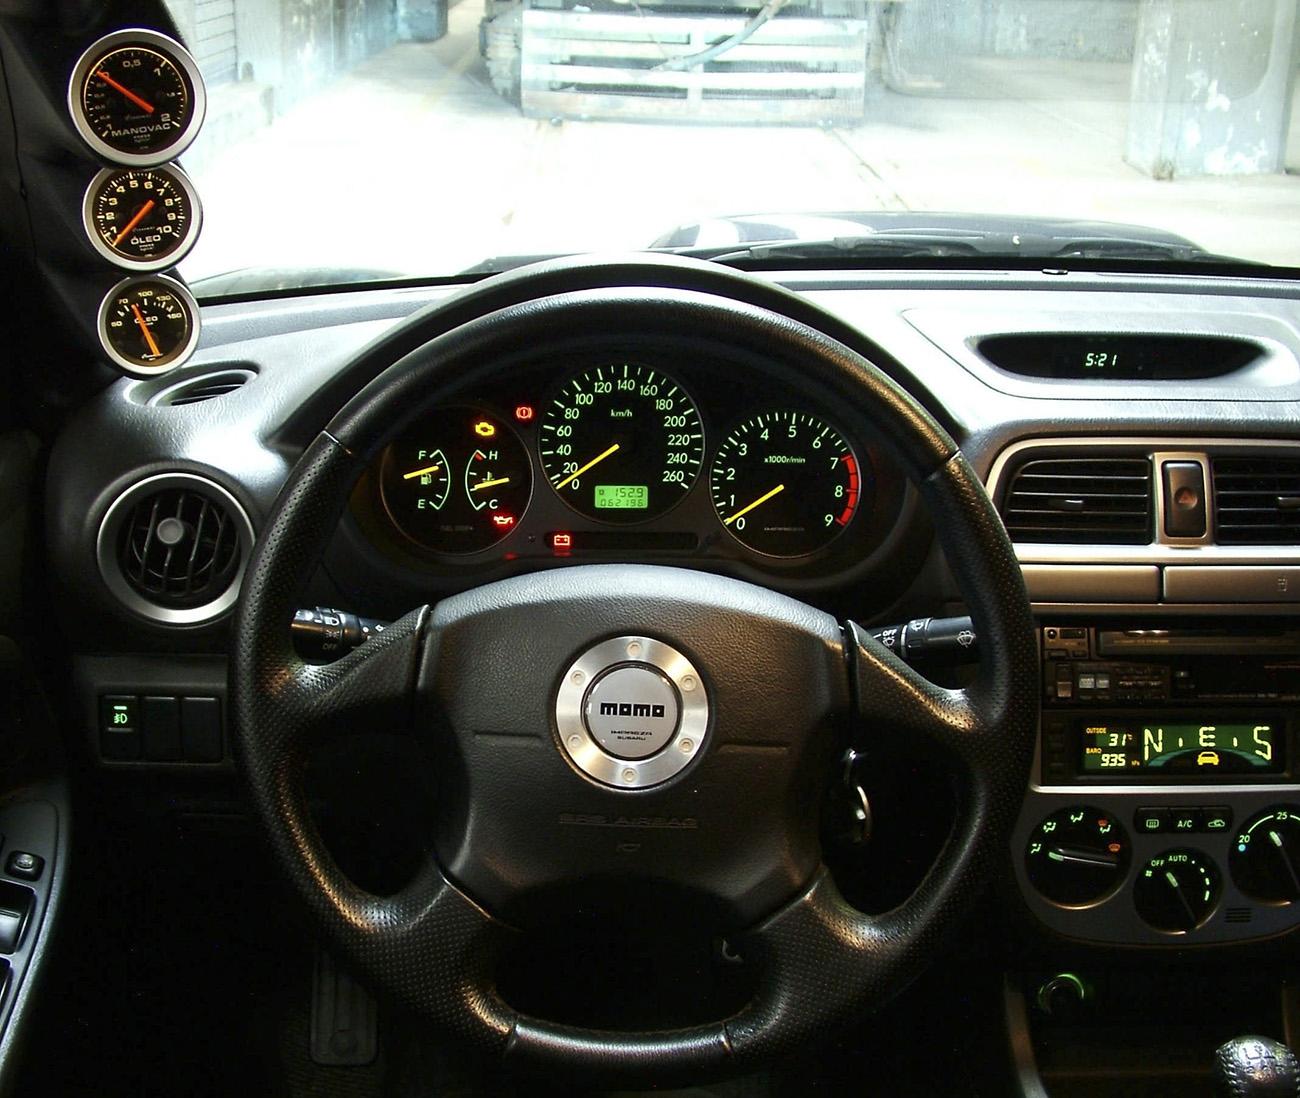 Painel de um Subaru Impreza WRX com instrumentos adicionais na coluna